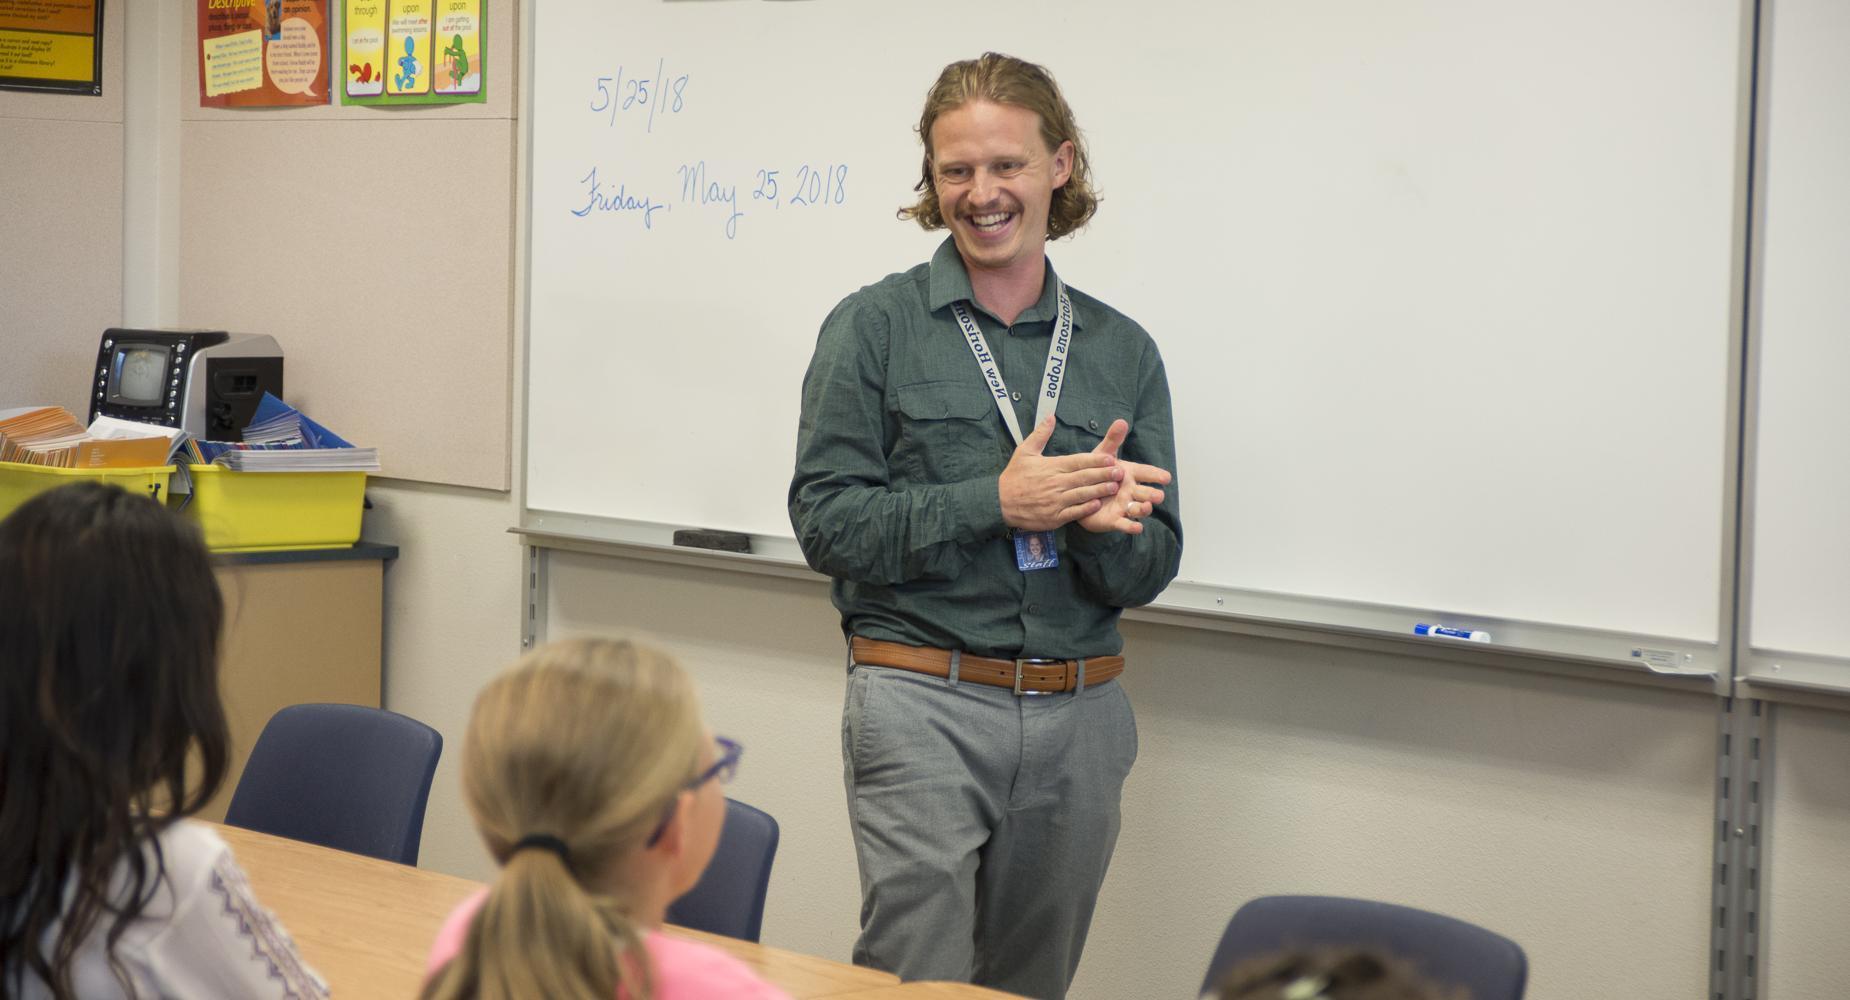 Teacher laughs at head of class